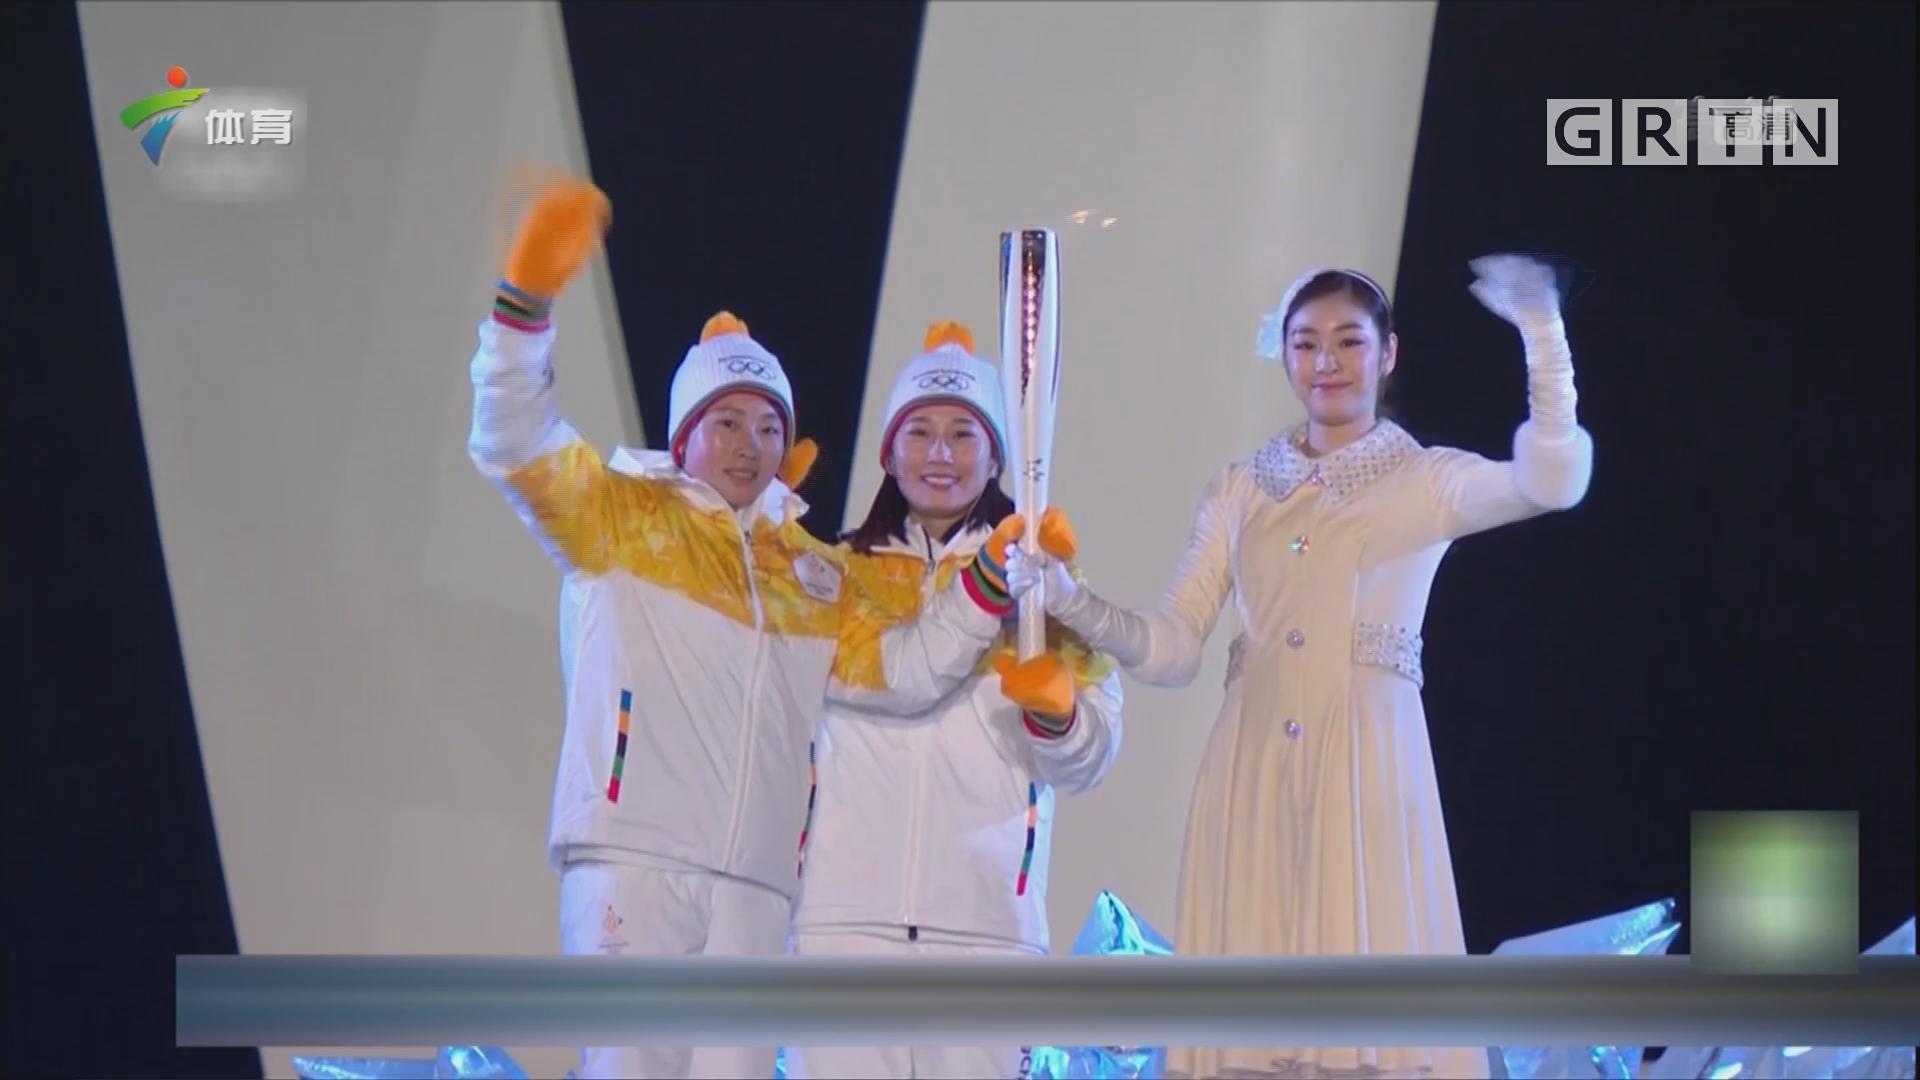 平昌冬奥会大幕开启 和平主题贯穿始终